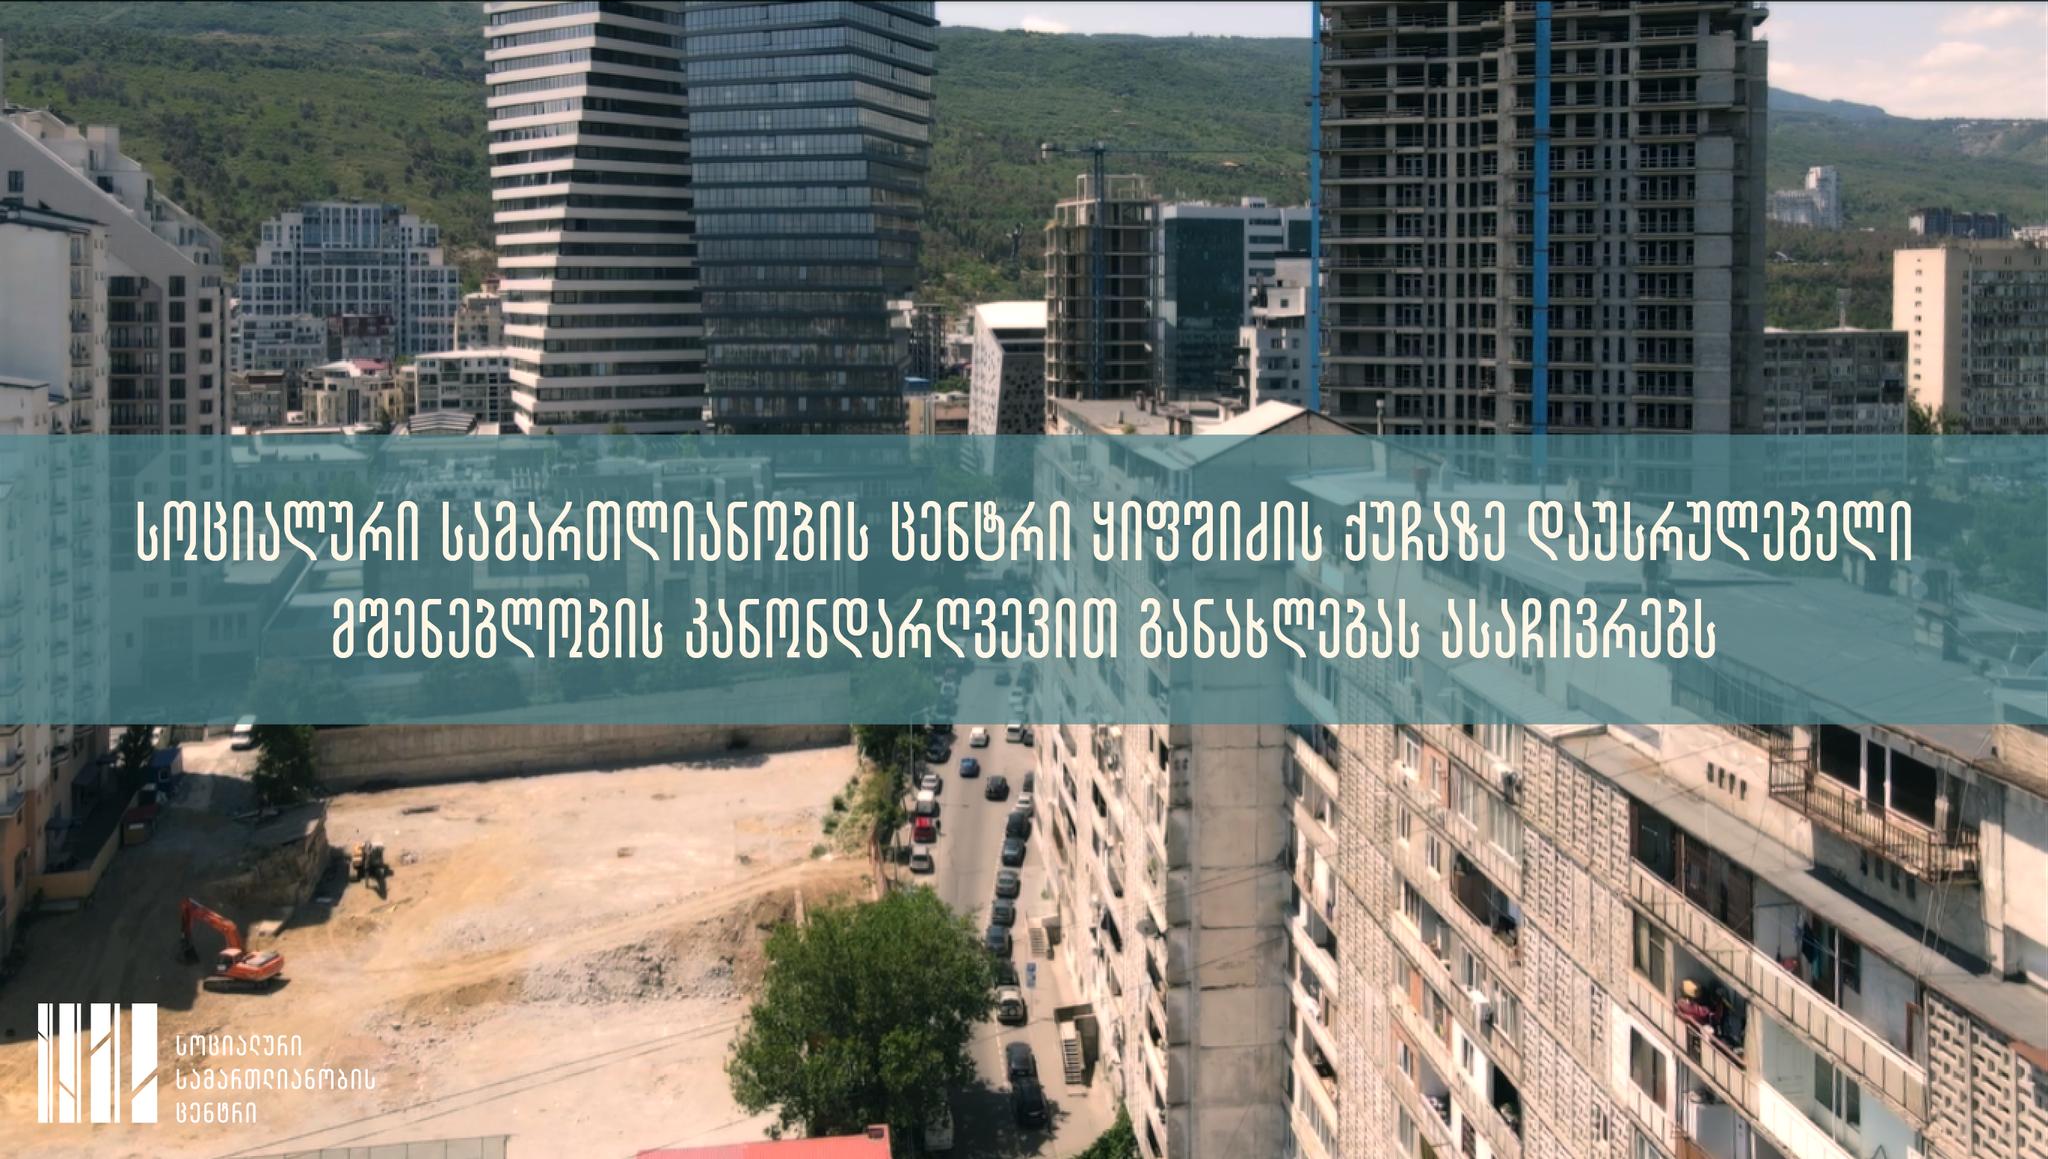 სოციალური სამართლიანობის ცენტრი ყიფშიძეზე დაგეგმილ მშენებლობას ასაჩივრებს